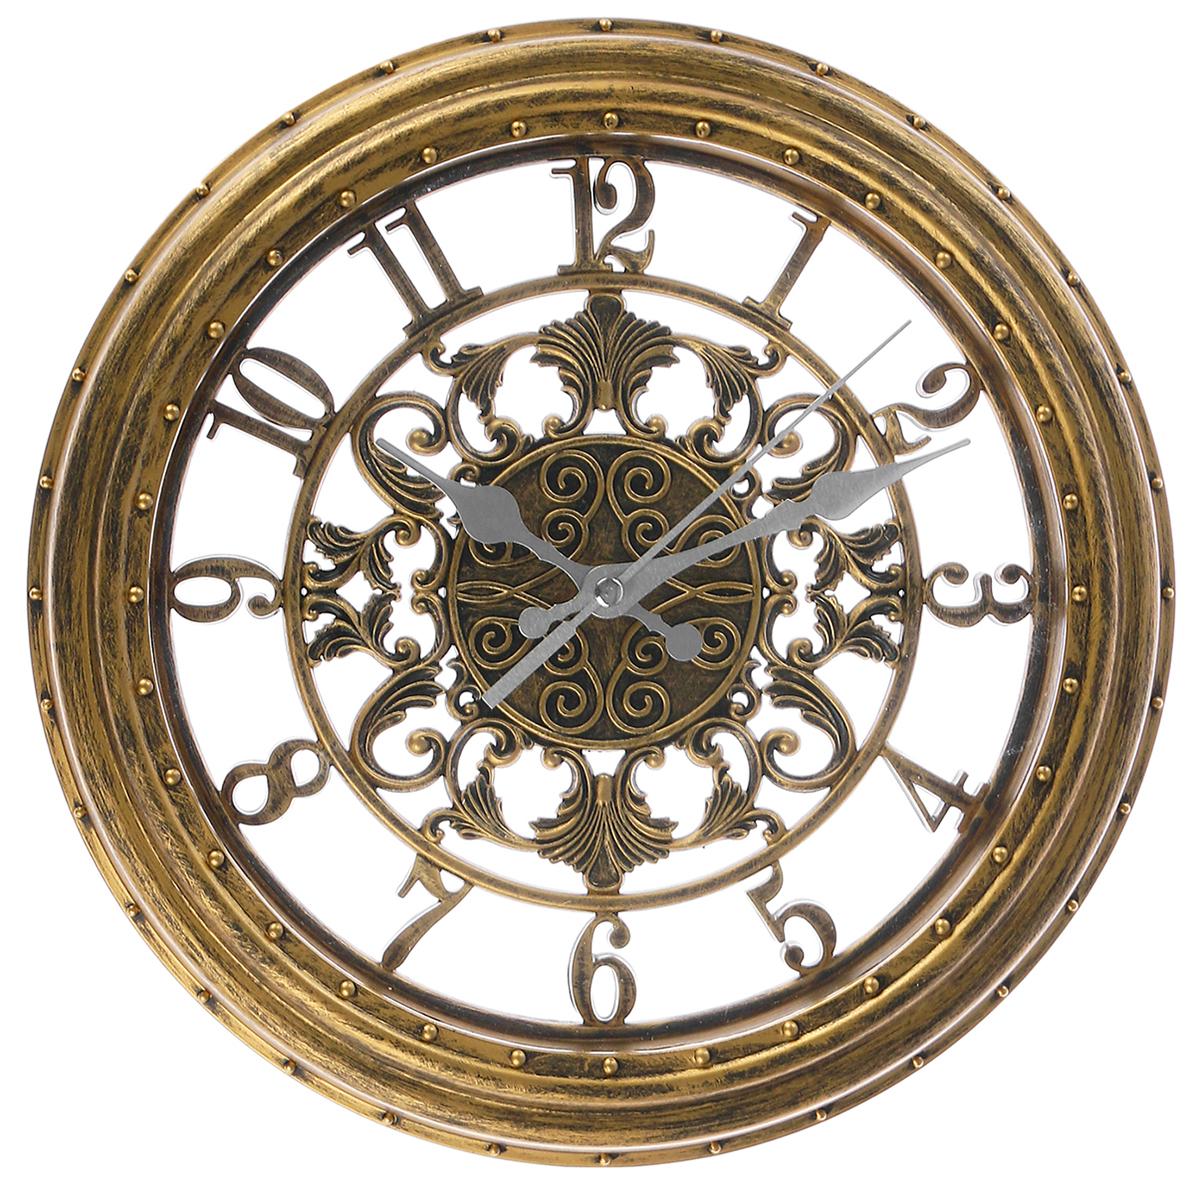 Часы настенные Цифры, цвет: золото, 28 см2585349Каждому хозяину периодически приходит мысль обновить свою квартиру, сделать ремонт, перестановку или кардинально поменять внешний вид каждой комнаты. Часы настенные Цифры, диаметром 28 см, это привлекательная деталь, которая поможет воплотить вашу интерьерную идею, создать неповторимую атмосферу в вашем доме. Окружите себя приятными мелочами, пусть они радуют глаз и дарят гармонию. Часы настенные серия Цифры, круг, цифры по кайме, рама золото, d=28 см., 2585346.